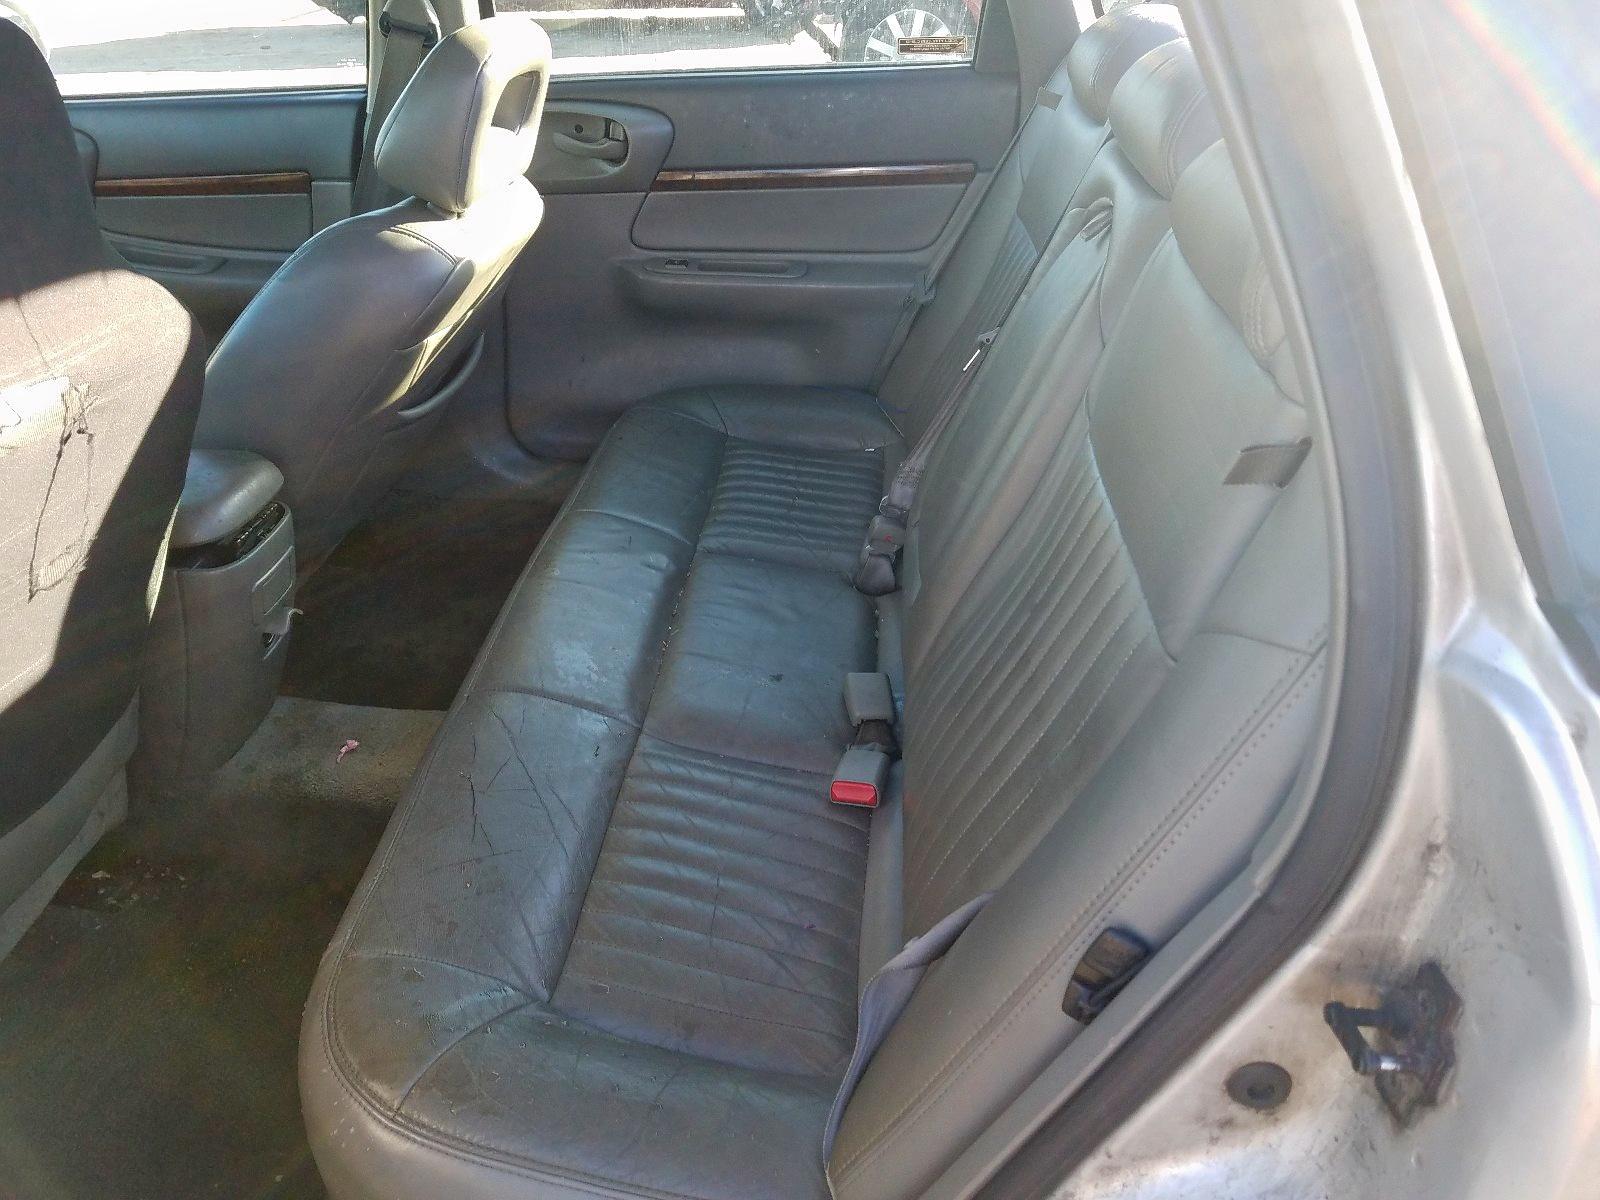 2G1WH55K5Y9130344 - 2000 Chevrolet Impala Ls 3.8L detail view